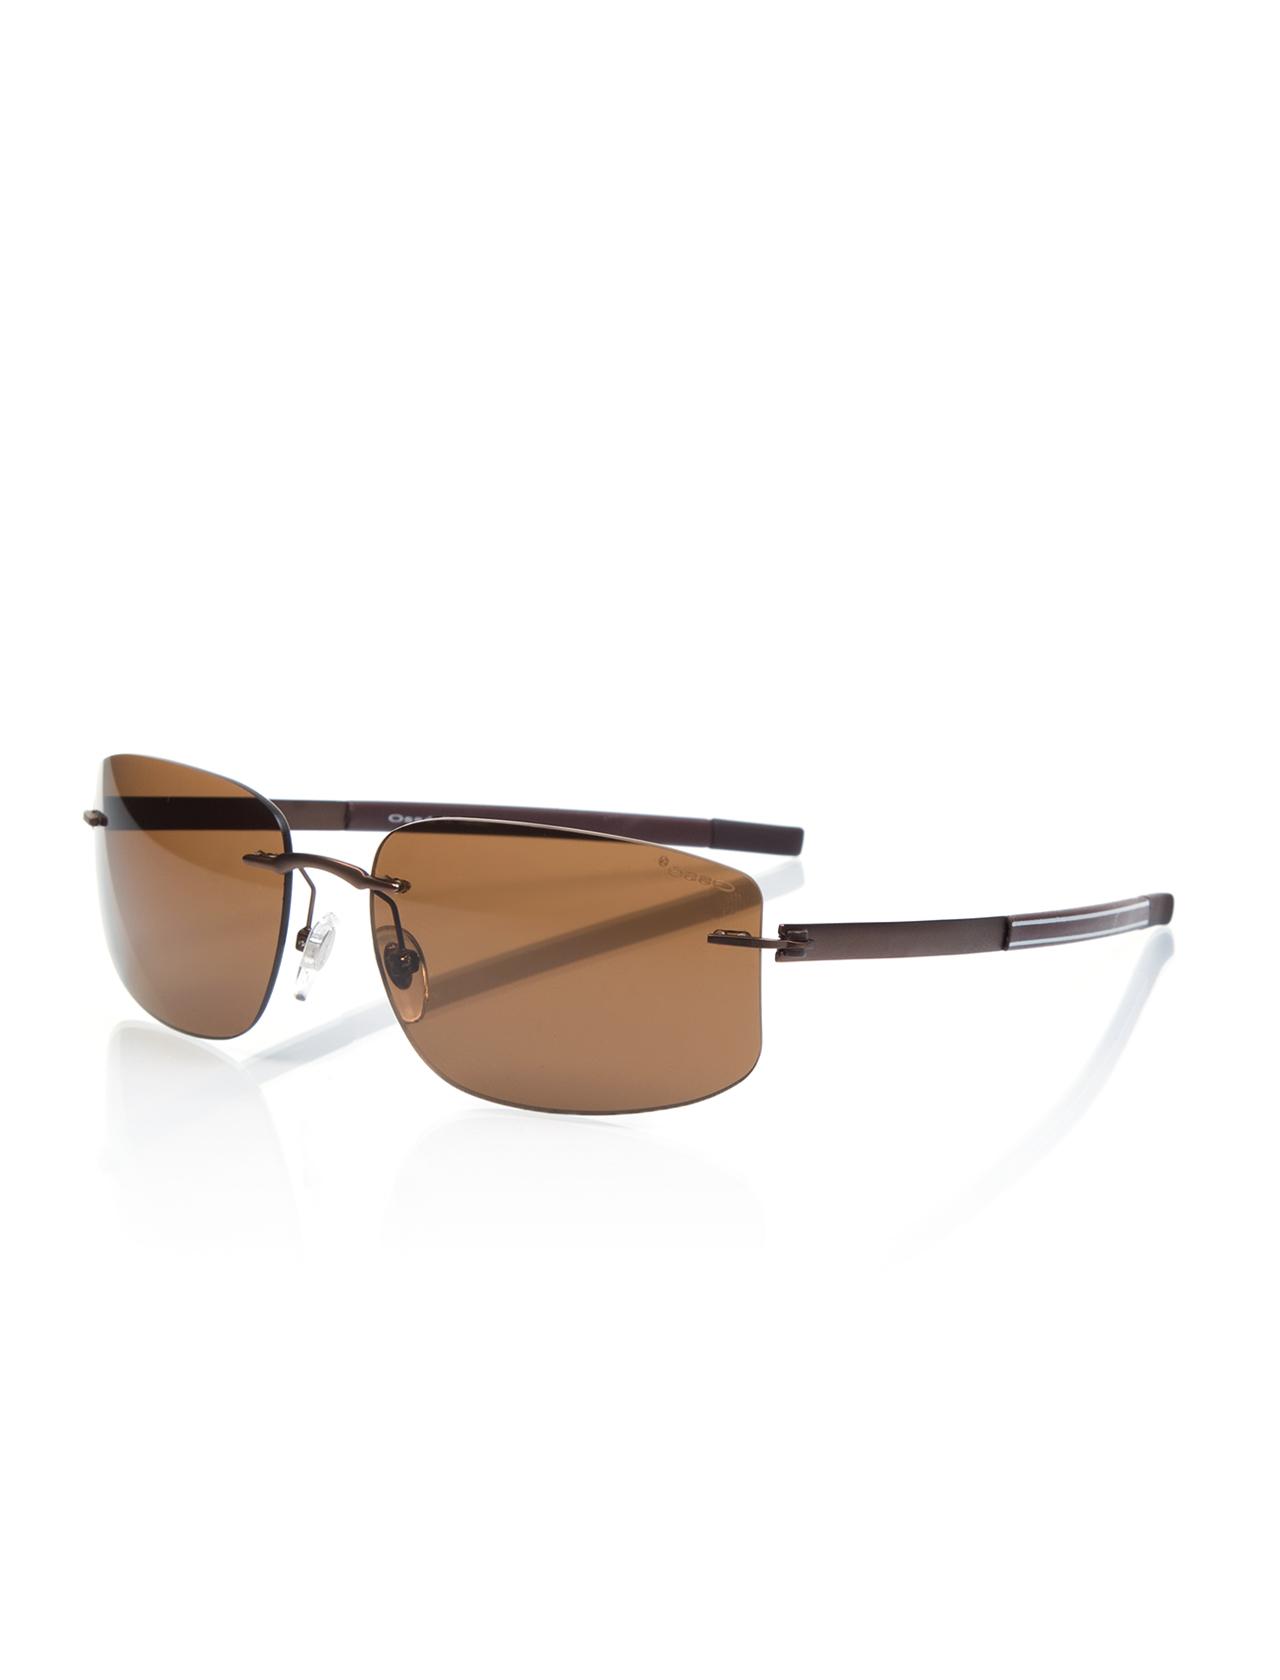 Men's Trendy Design Sunglasses